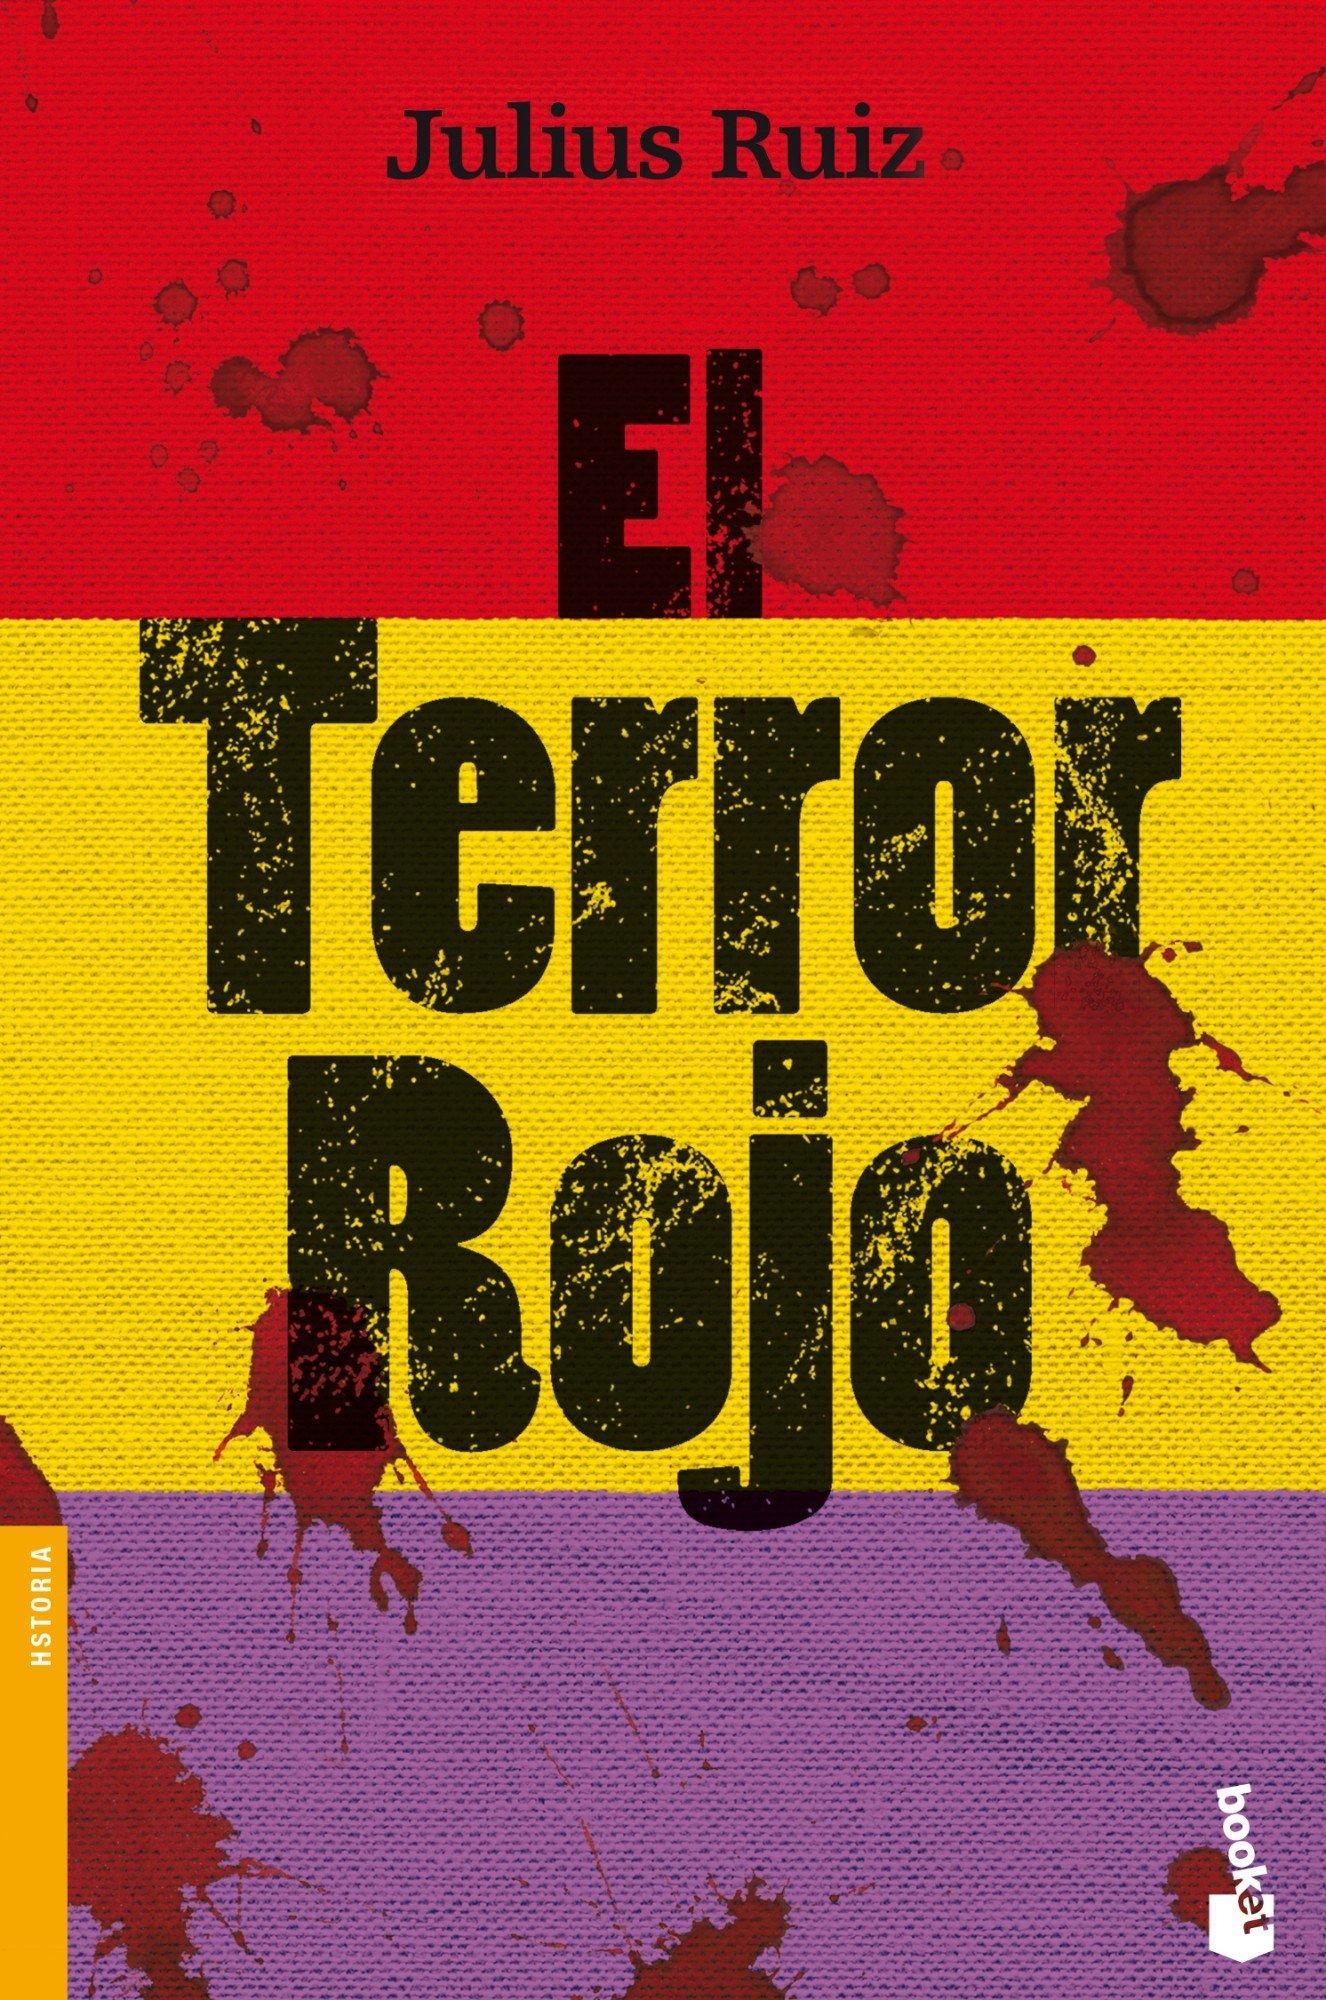 El terror rojo (Divulgación): Amazon.es: Ruiz, Julius, Torre Olid, Jesús de la: Libros